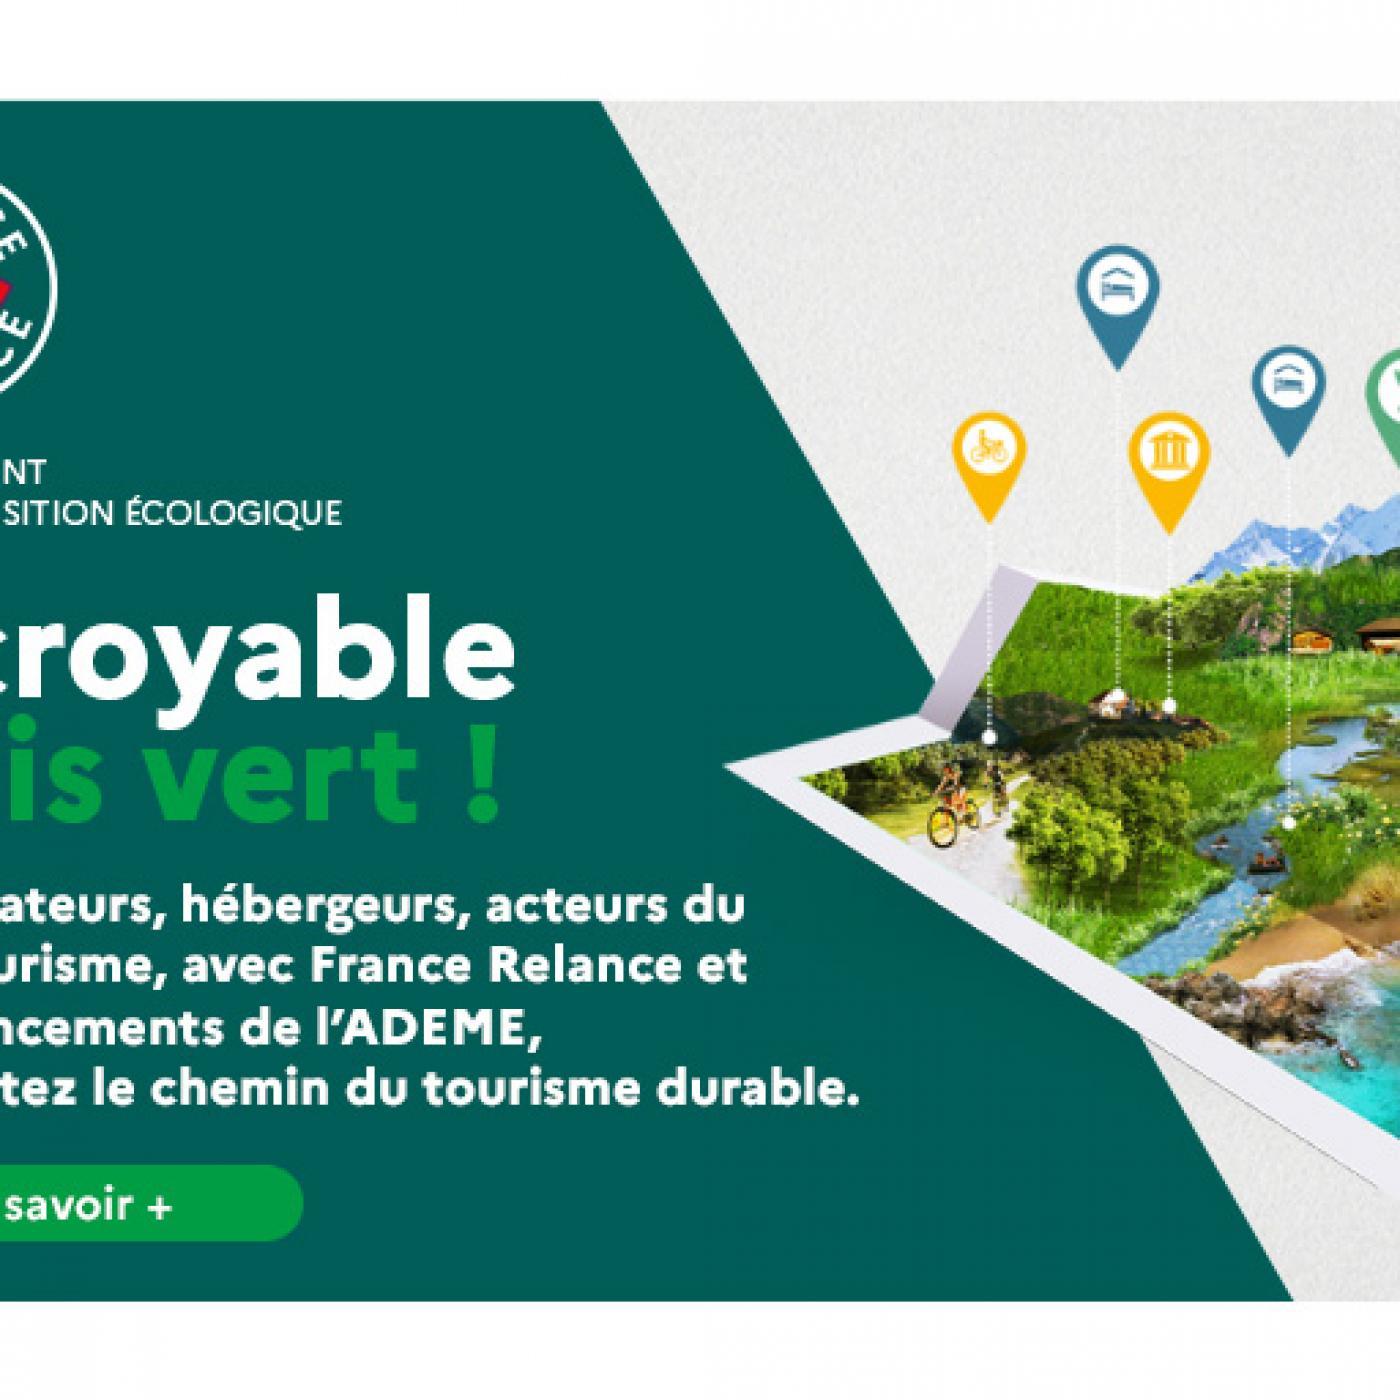 Les professionnels du tourisme passent au vert avec la CCI des Vosges